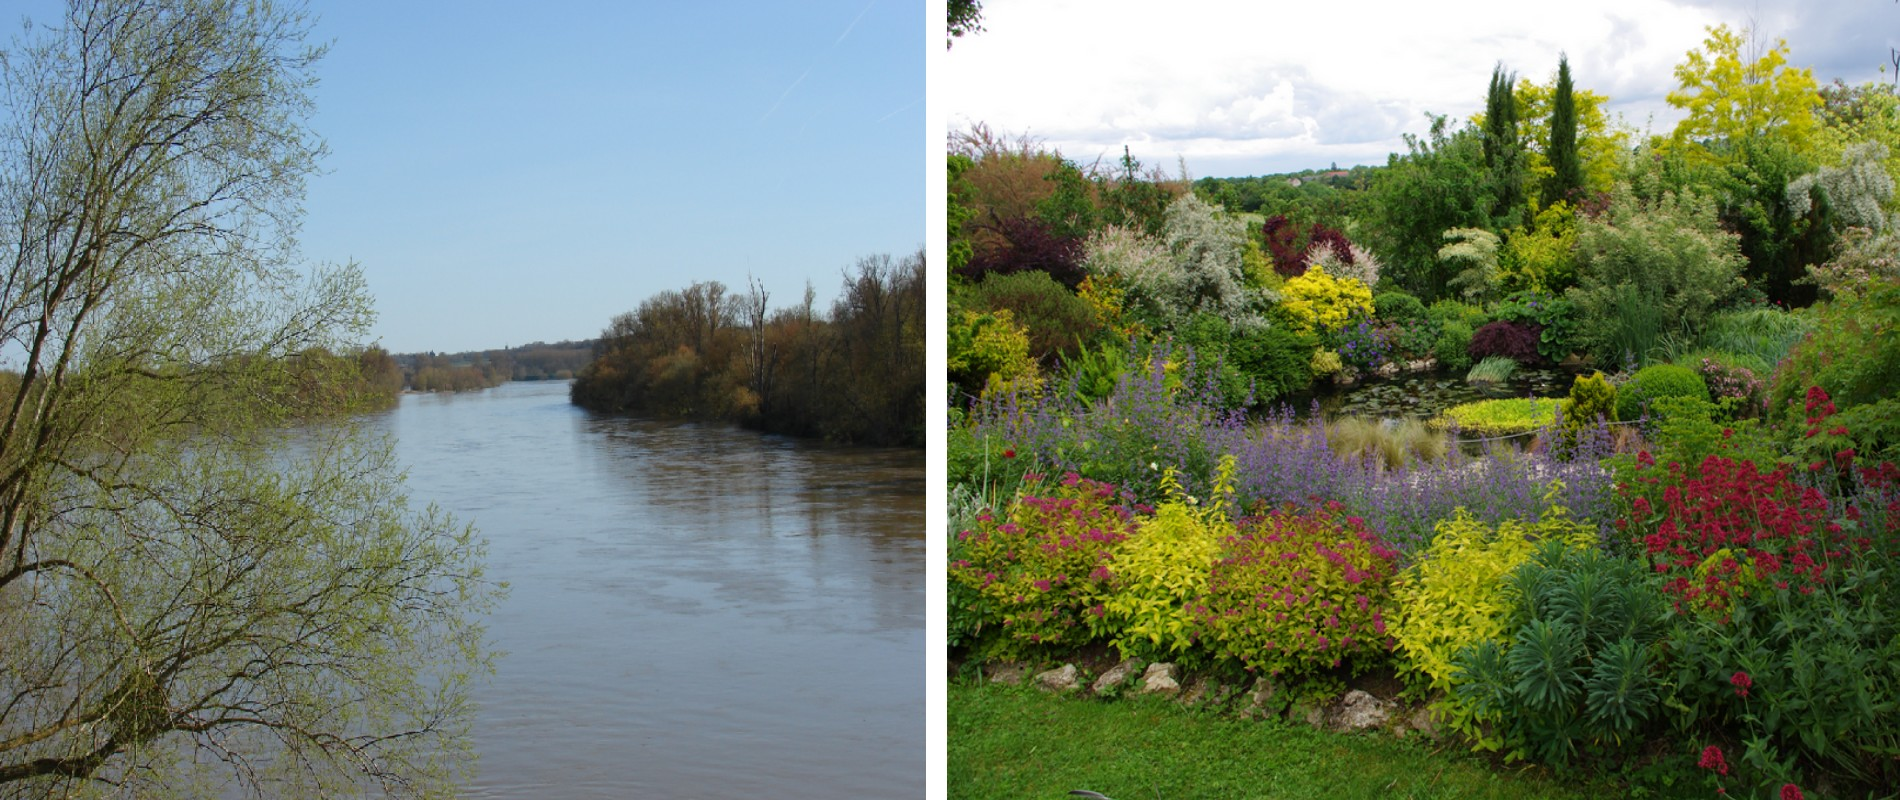 vignette jardins paysage